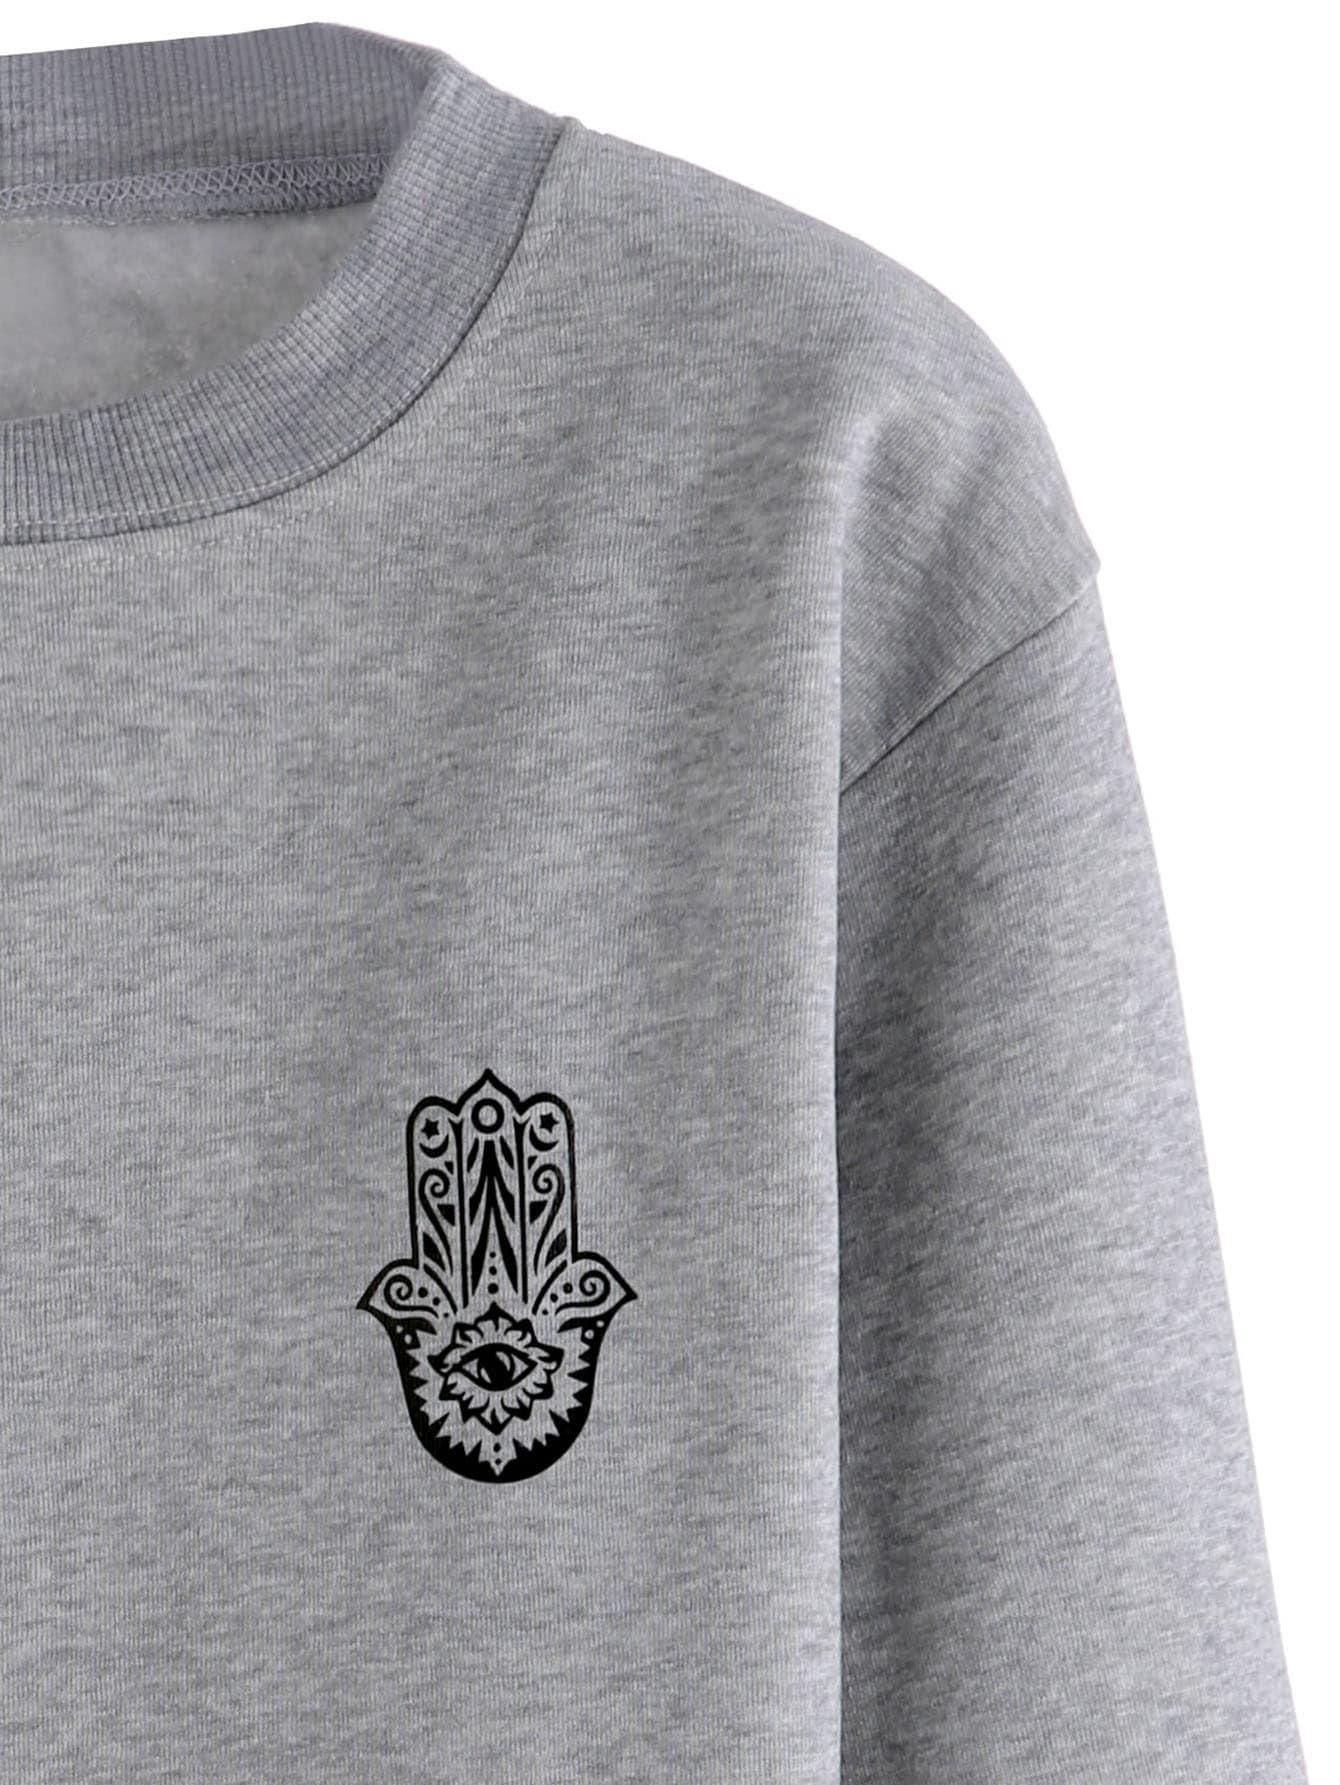 sweatshirt160913301_2